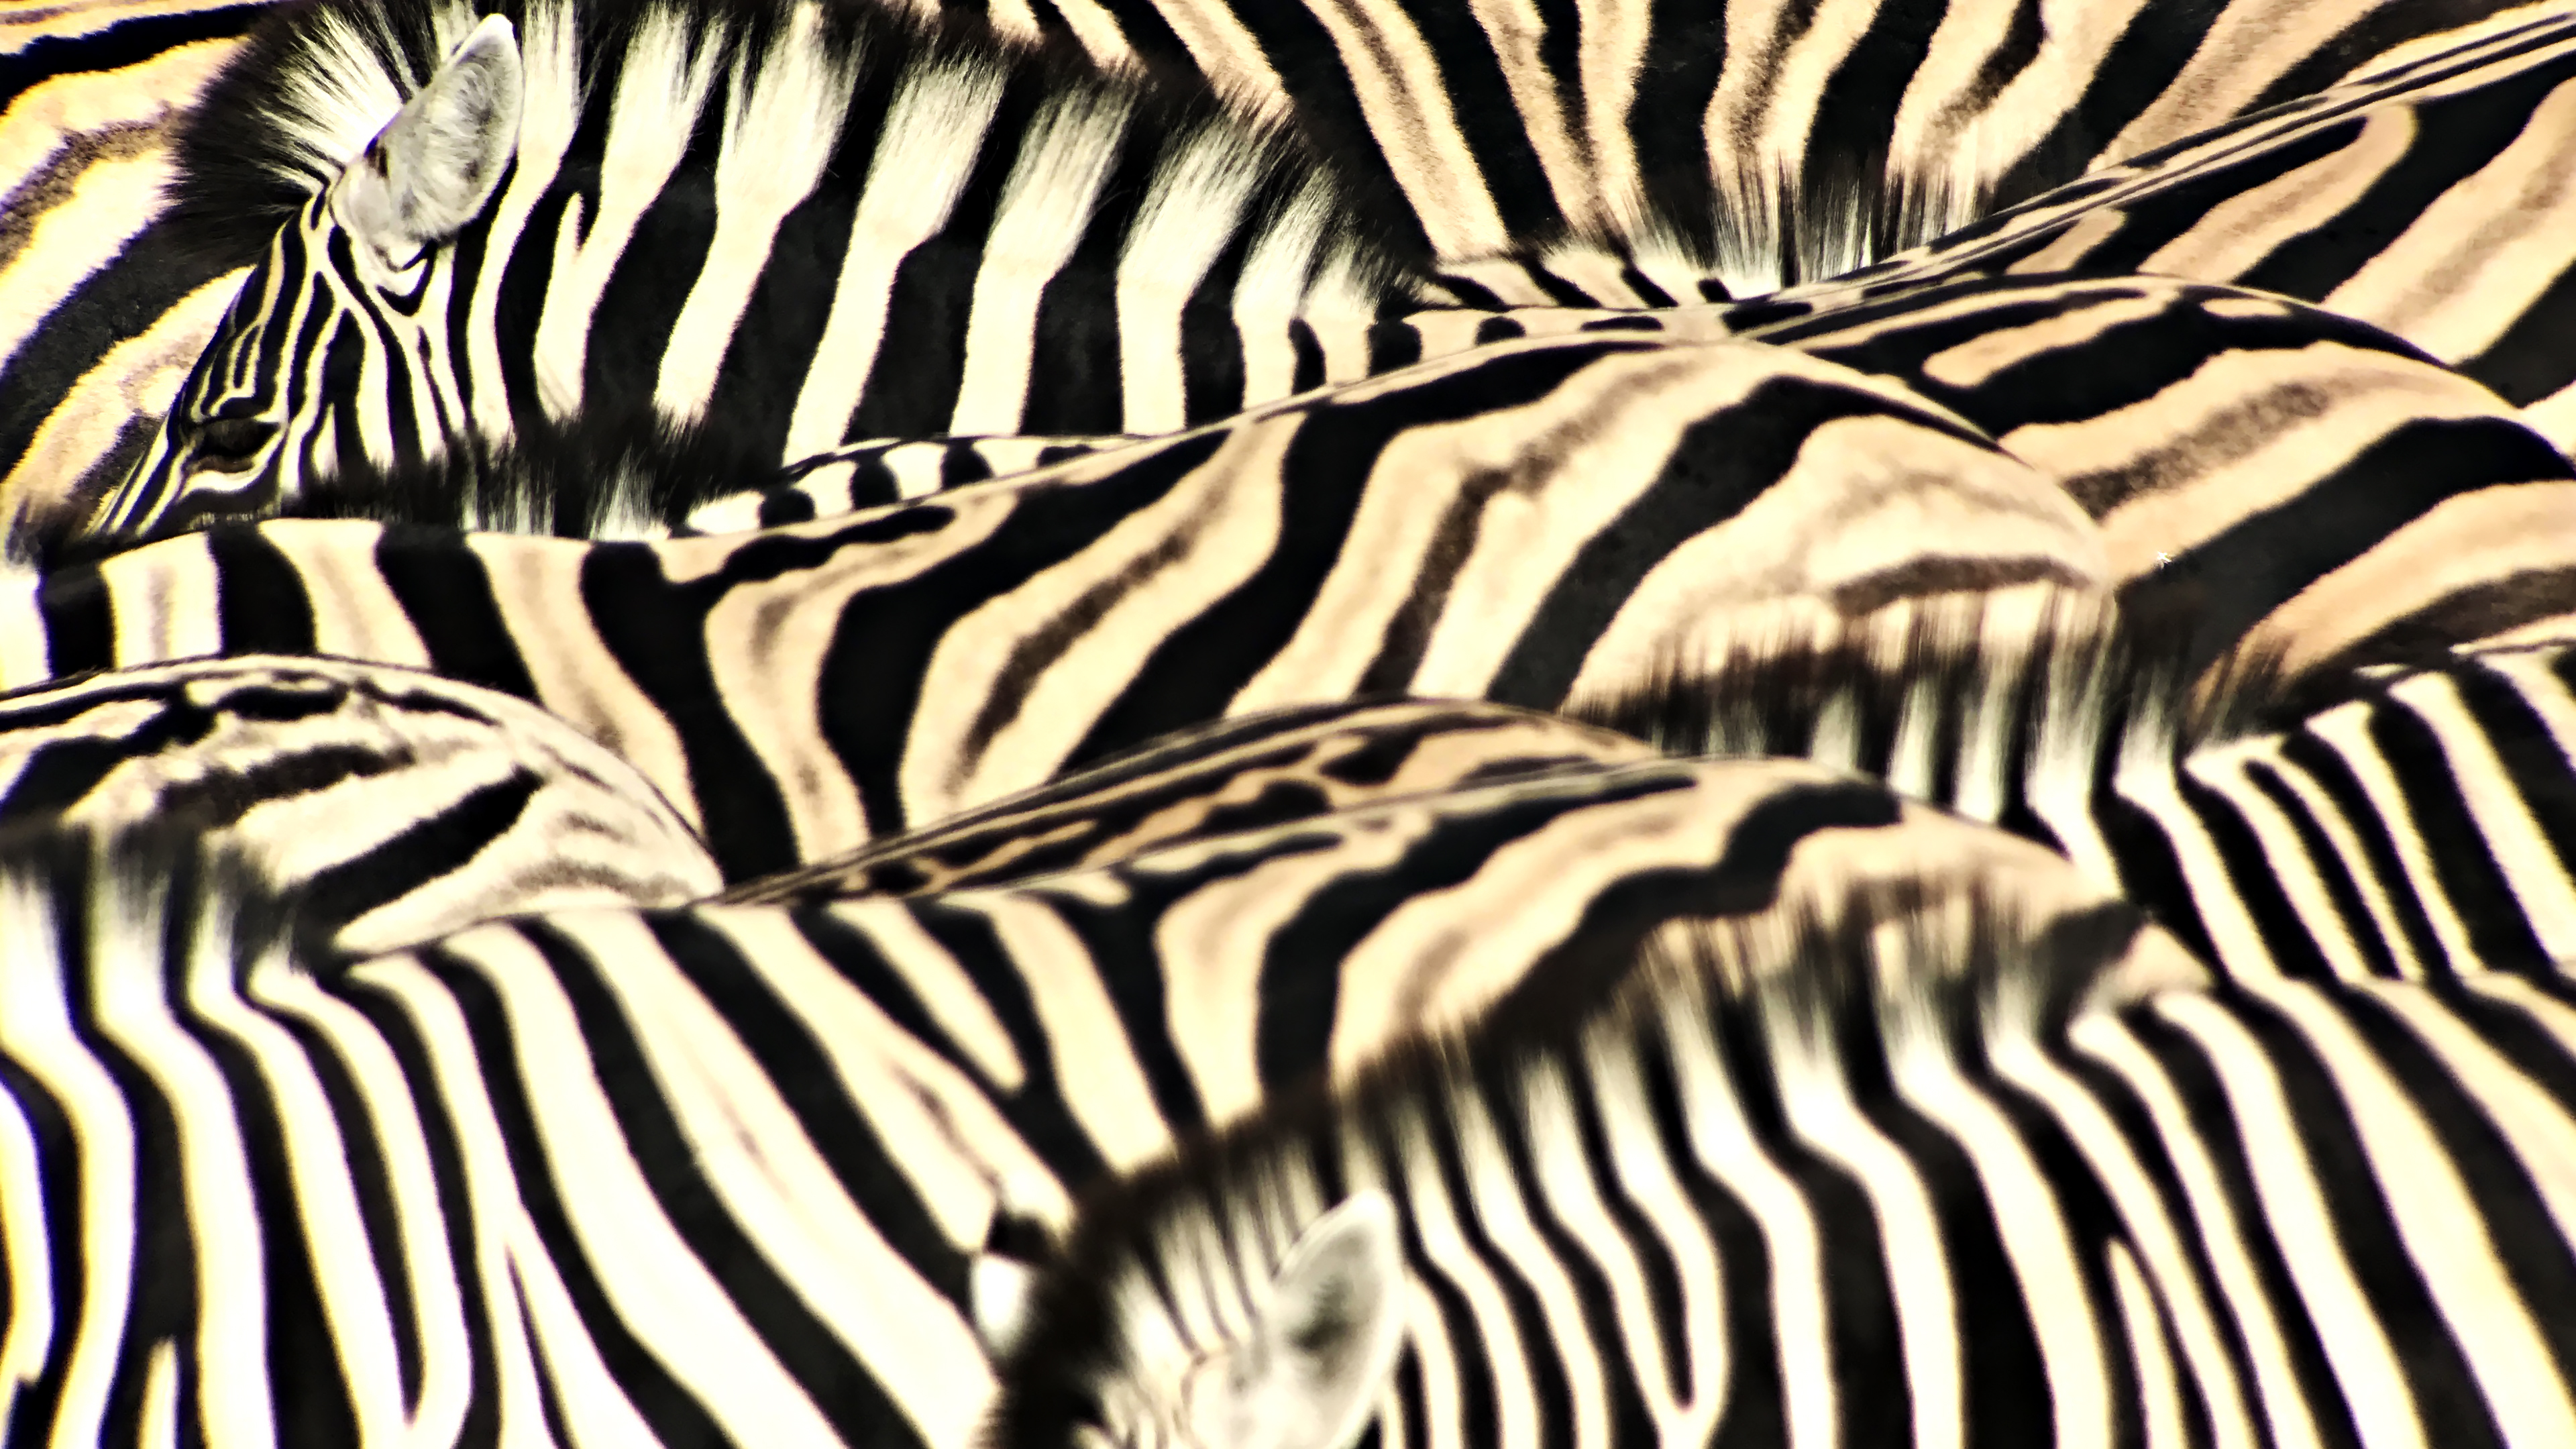 Foto scattata con Leica APO Televid 82mm con l'aggancio per cellulare montato. Zebre di pianura (Equus burchelli) in branco, con strisce dell'una che si confondono nell'altra, Etosha National Park, Namibia.